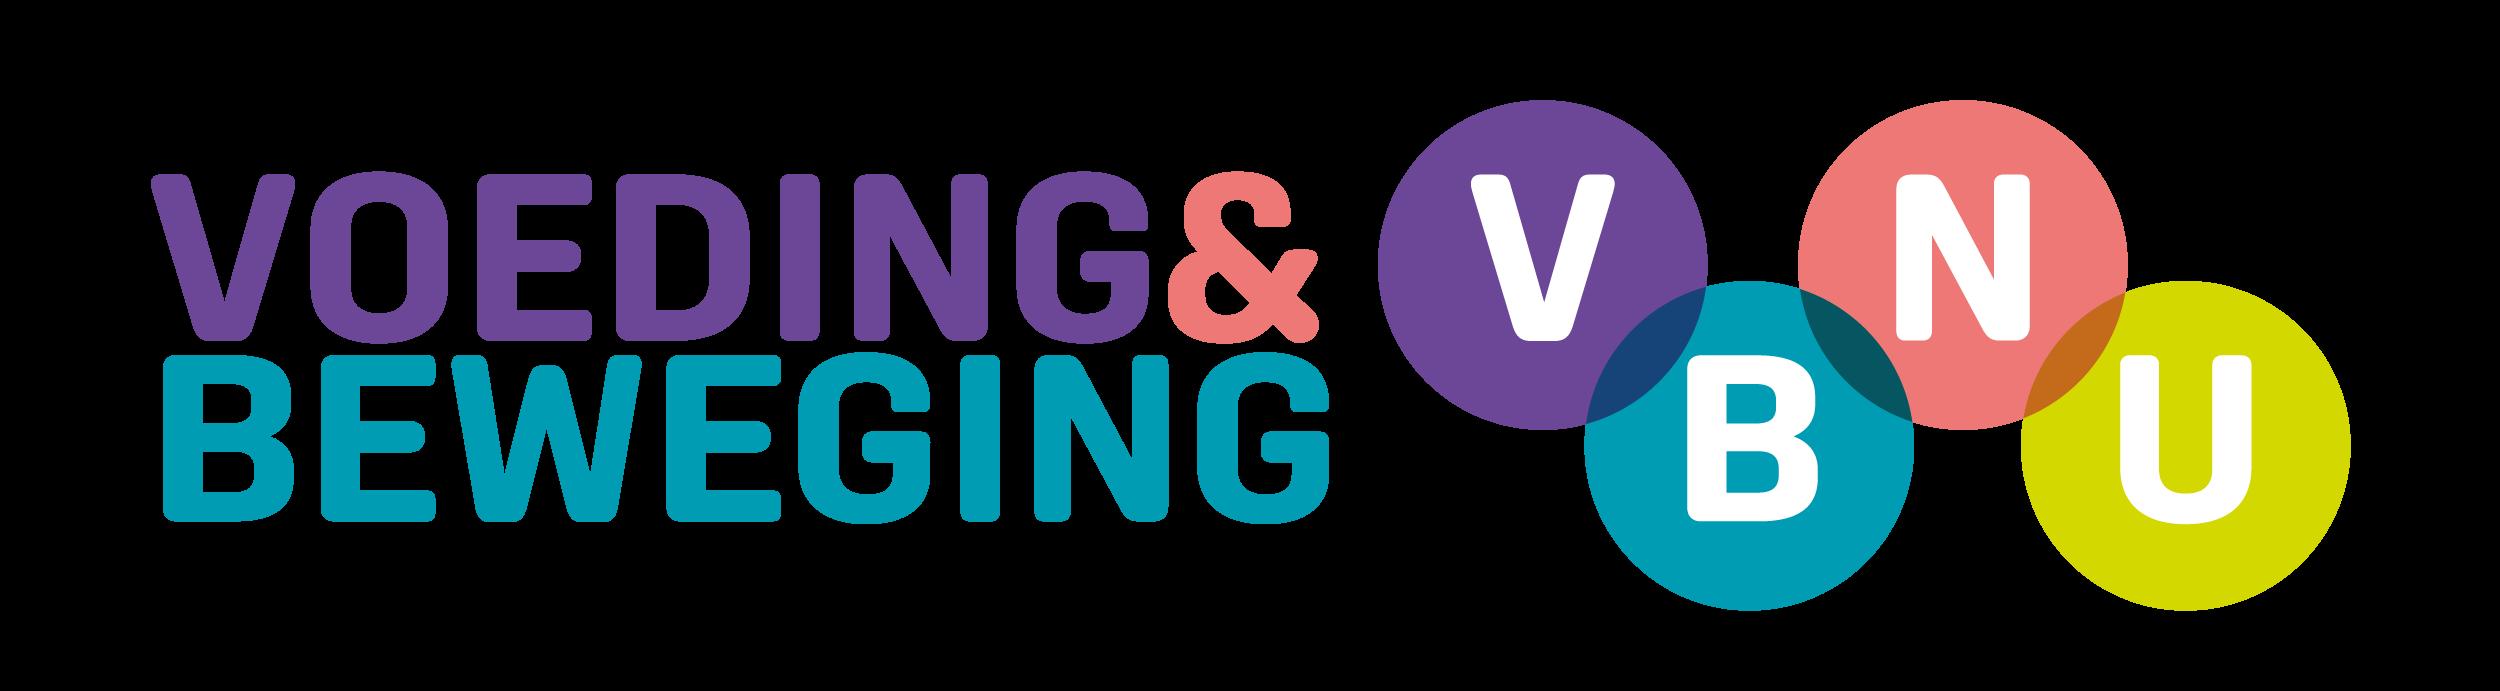 Voeding & Beweging.NU